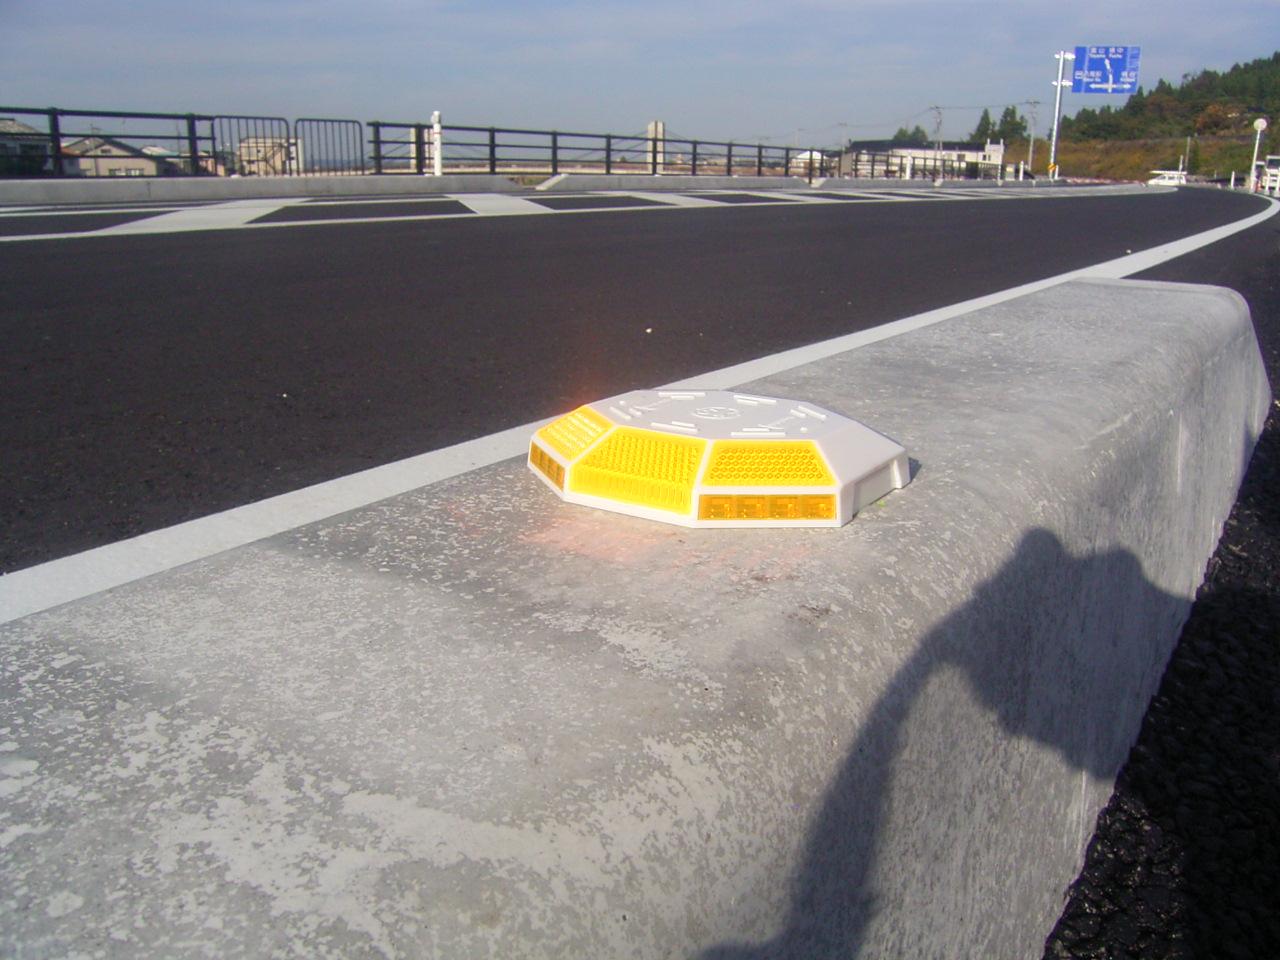 視線誘導標・線形誘導標(デリネーター) 施工事例04